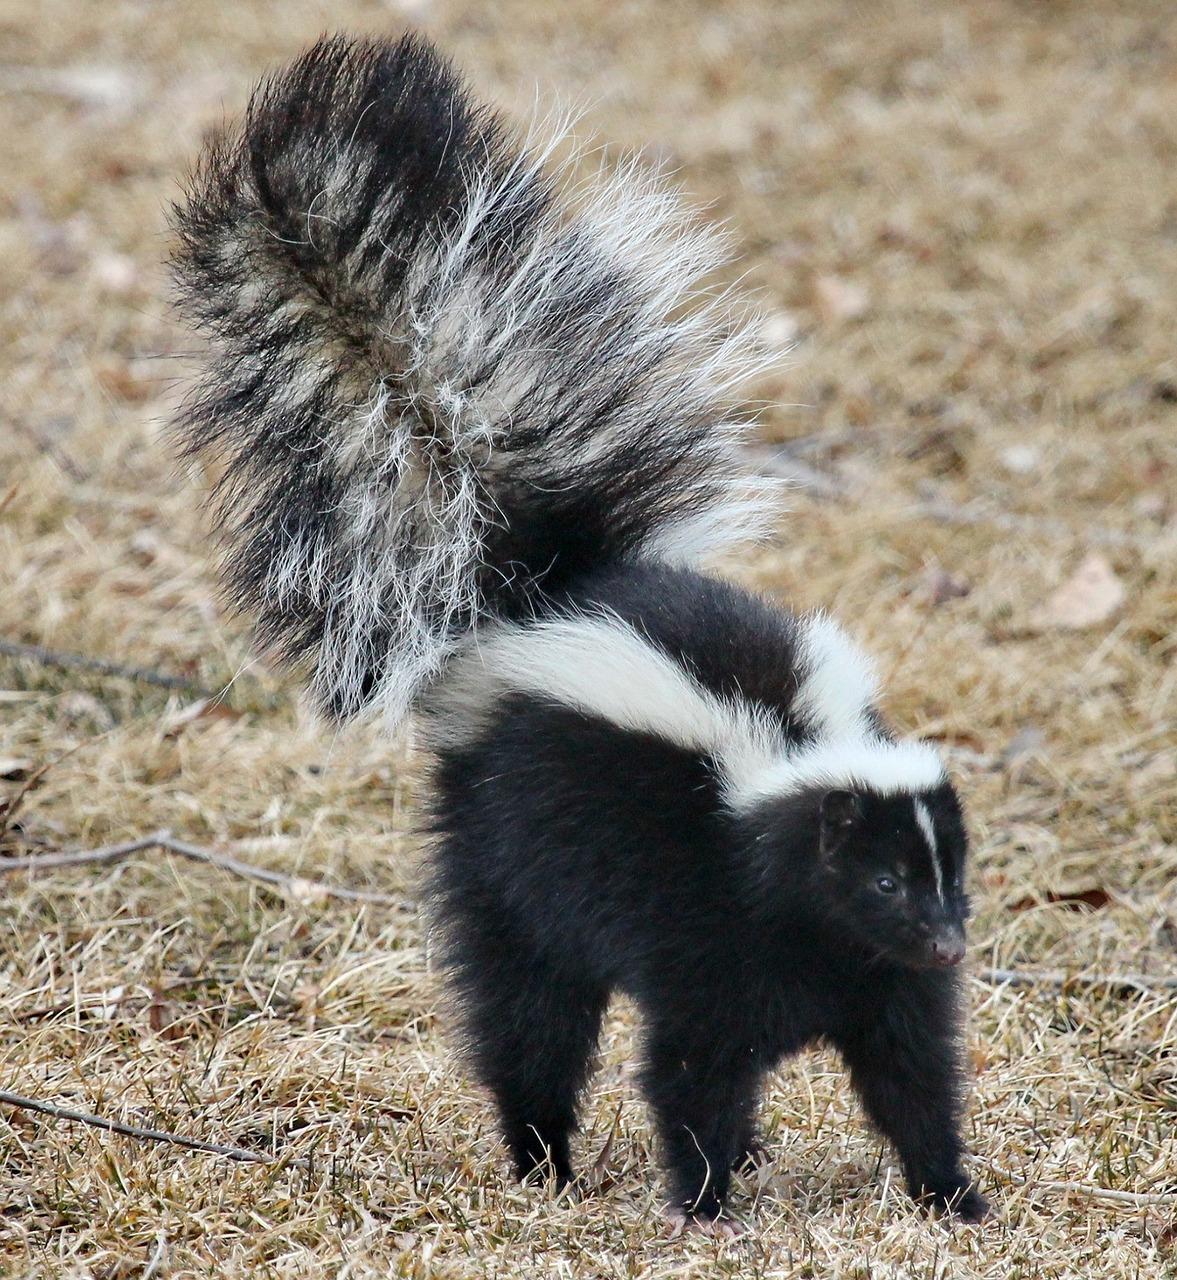 skunk-1239764_1280